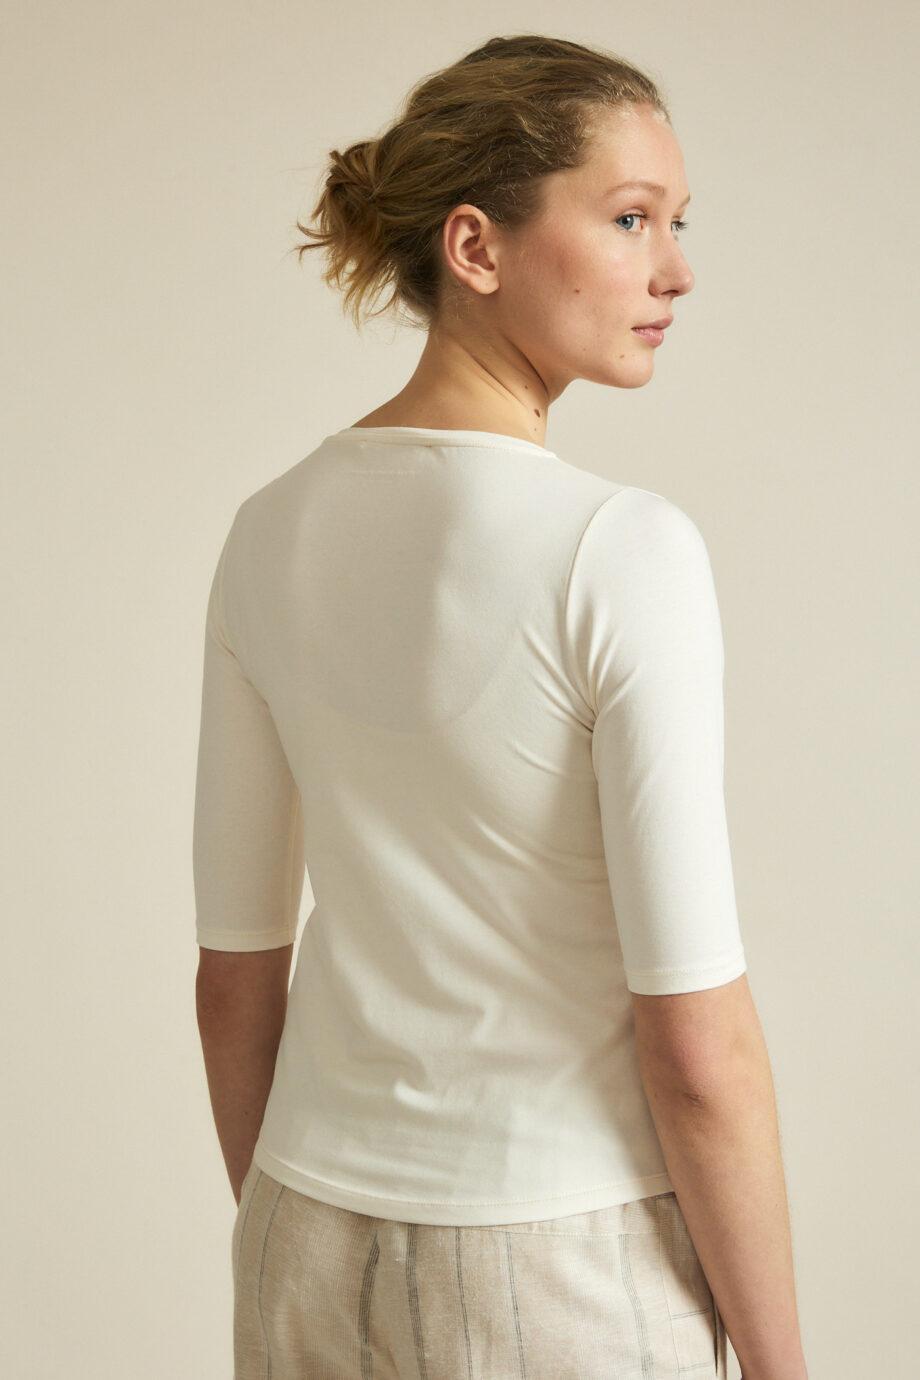 Lanius_T-shirt v-hals_creme wit_achter